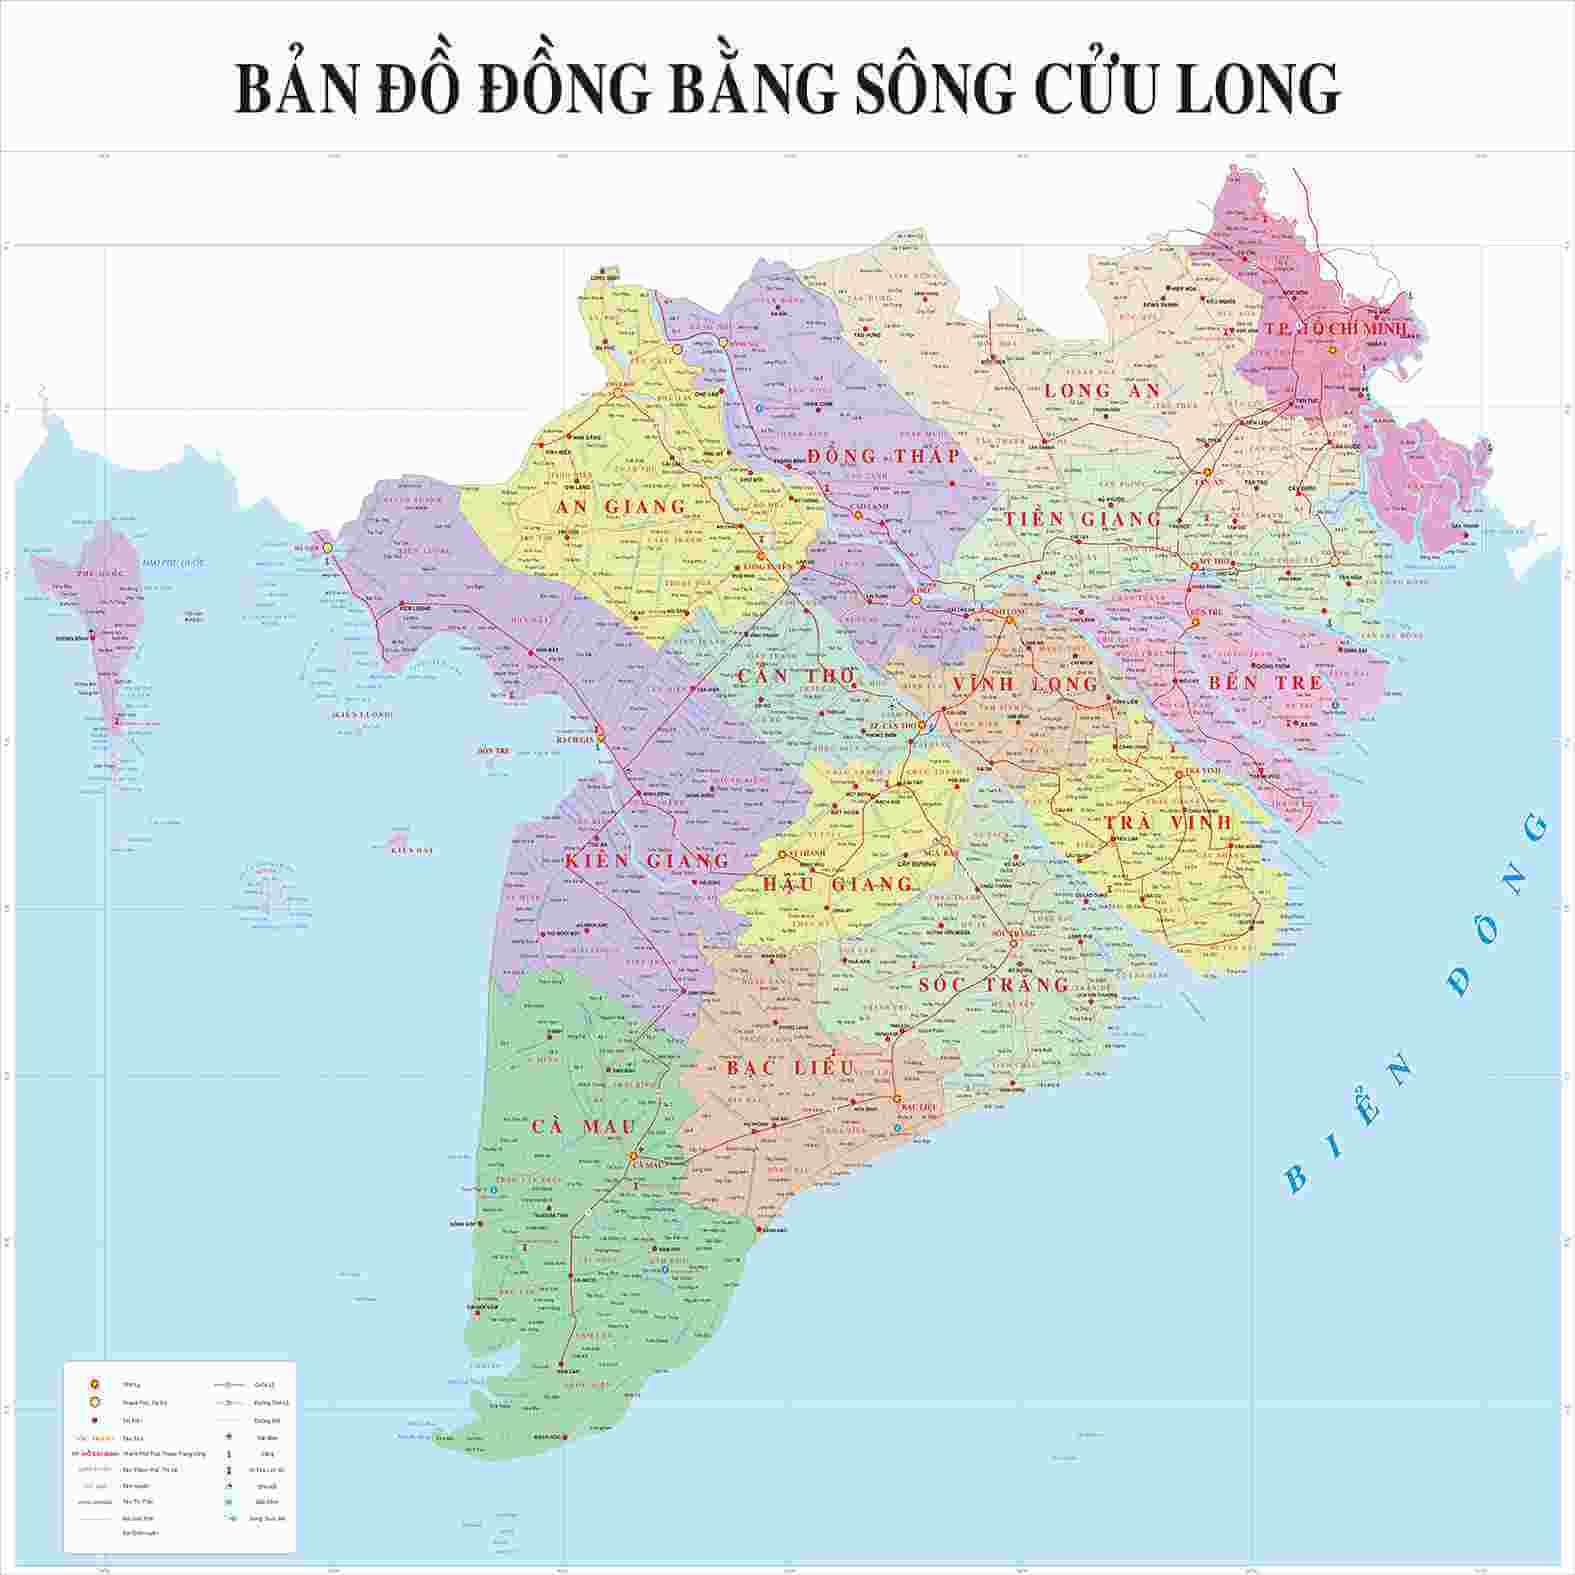 Bản đồ đồng bằng Sông Cửu Long khổ lớn